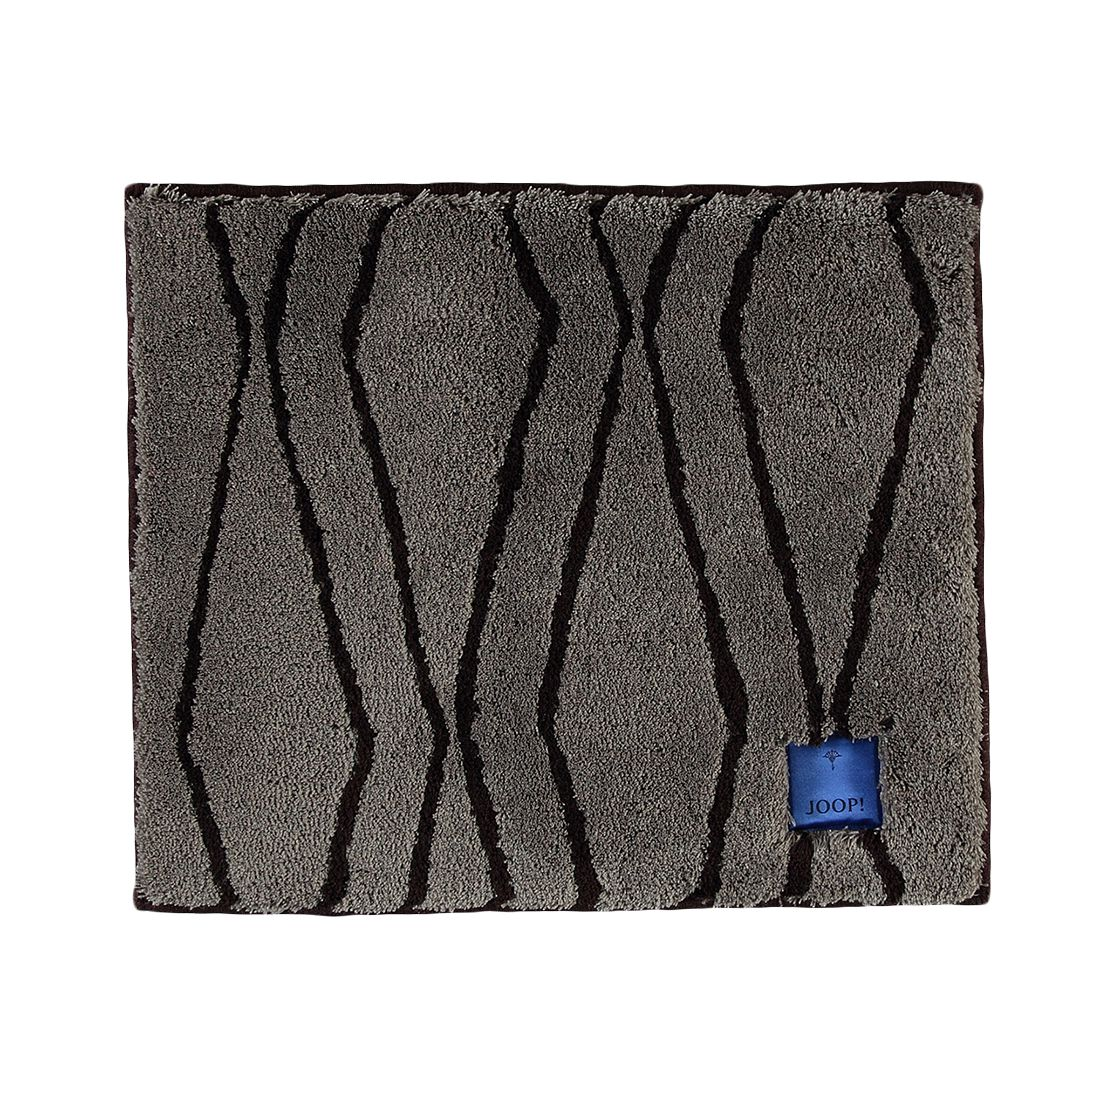 Badteppiche New Matrix – Polyacryl – Mocca – 60×90 cm, Joop günstig online kaufen